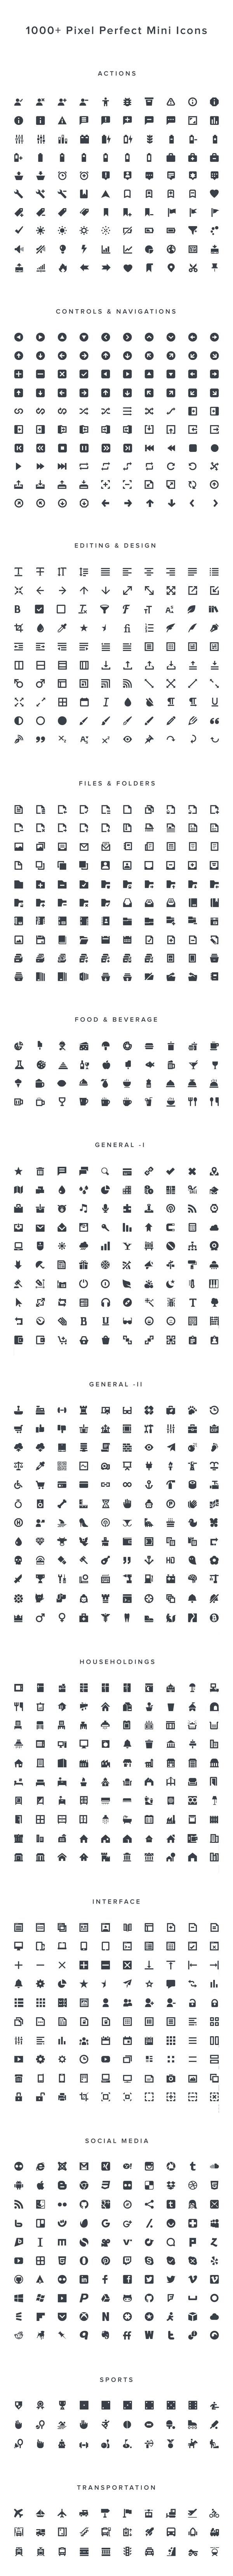 1000-icons-600